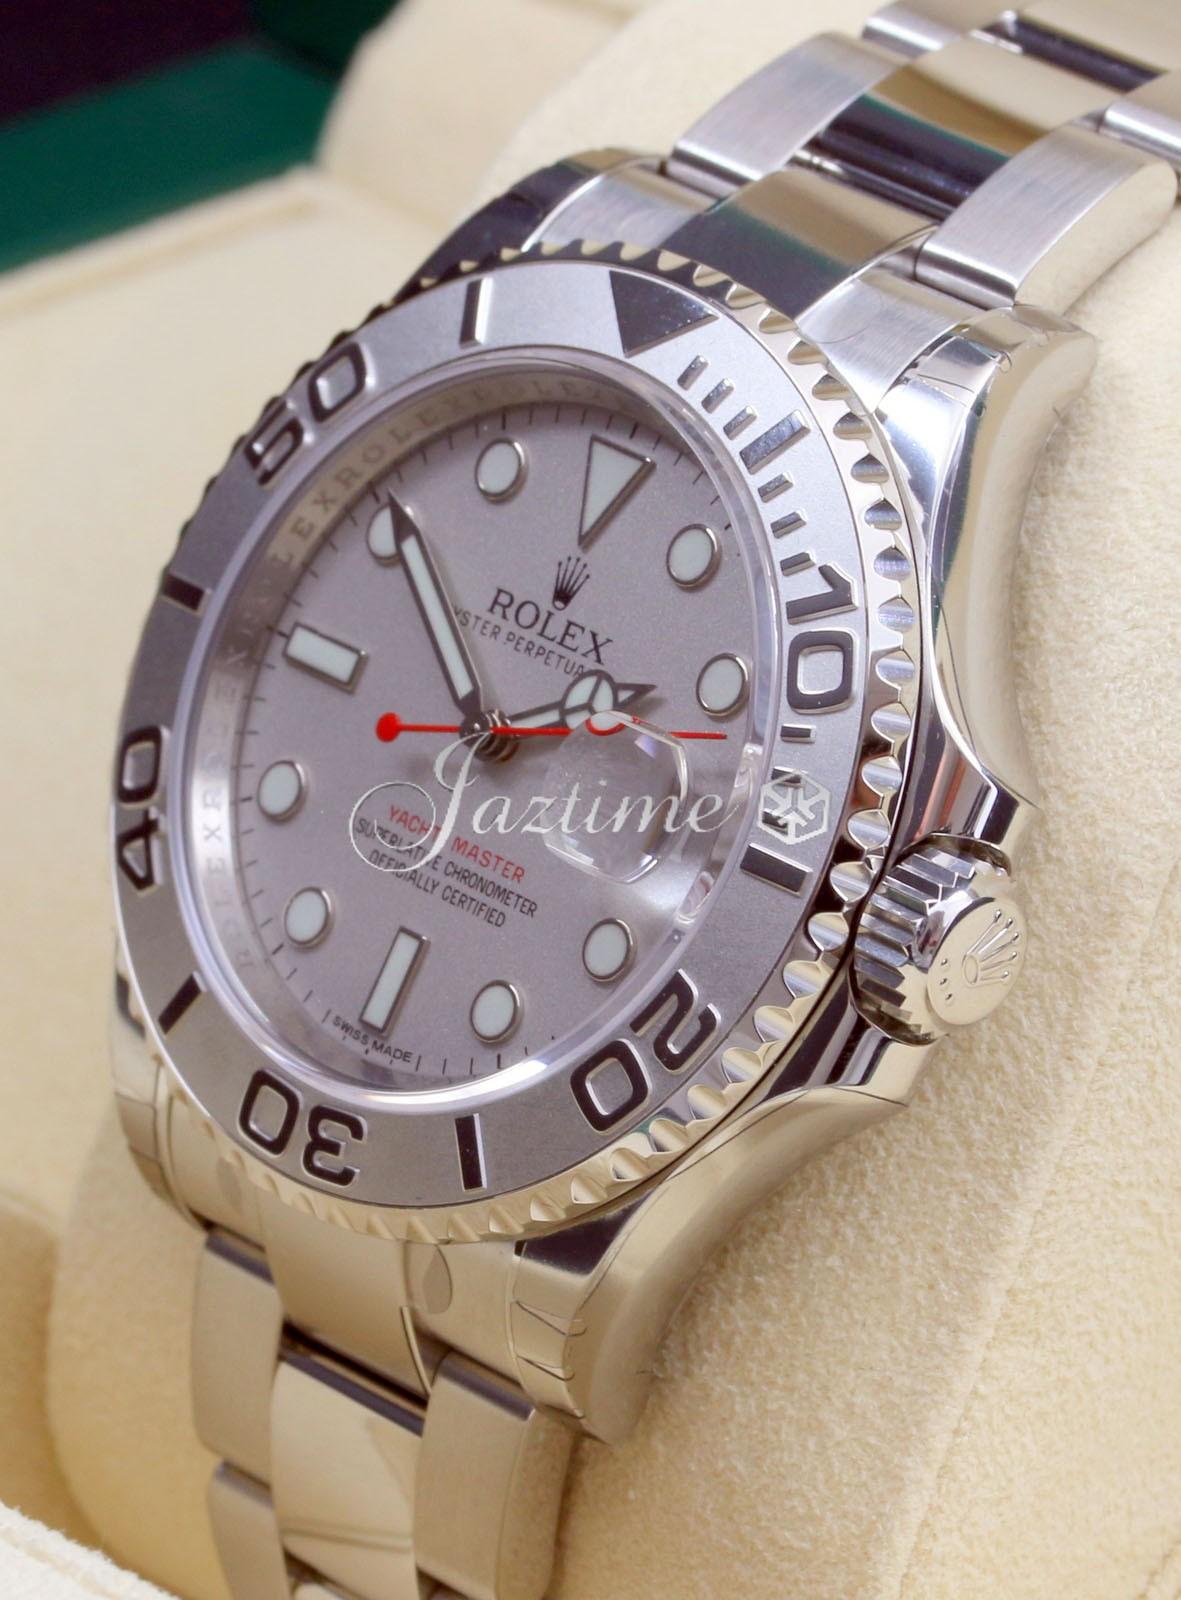 Наручные часы Tissot T17158652 купить по выгодной